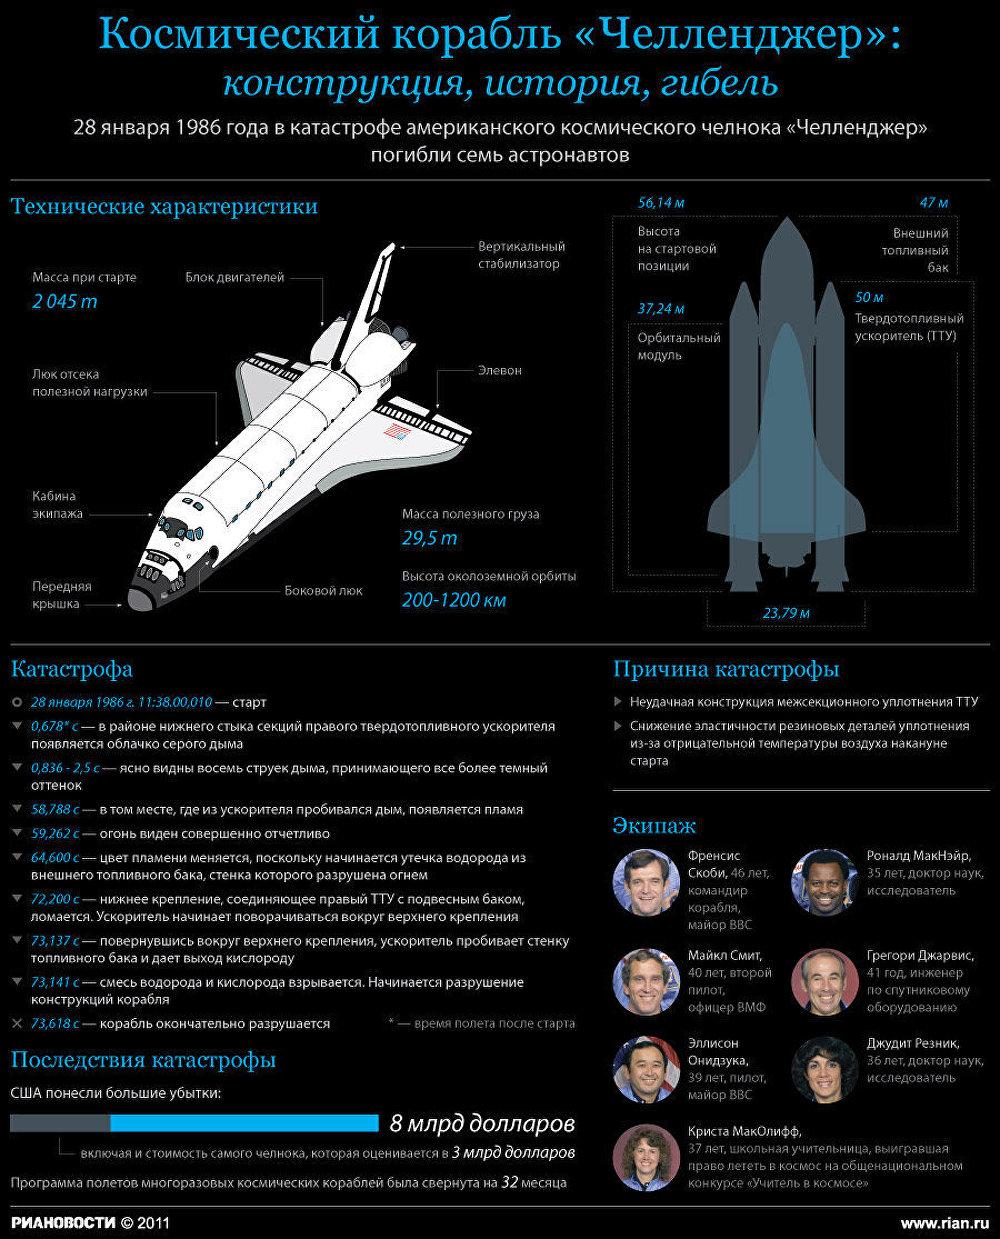 Космический корабль Челленджер: конструкция, история, гибель